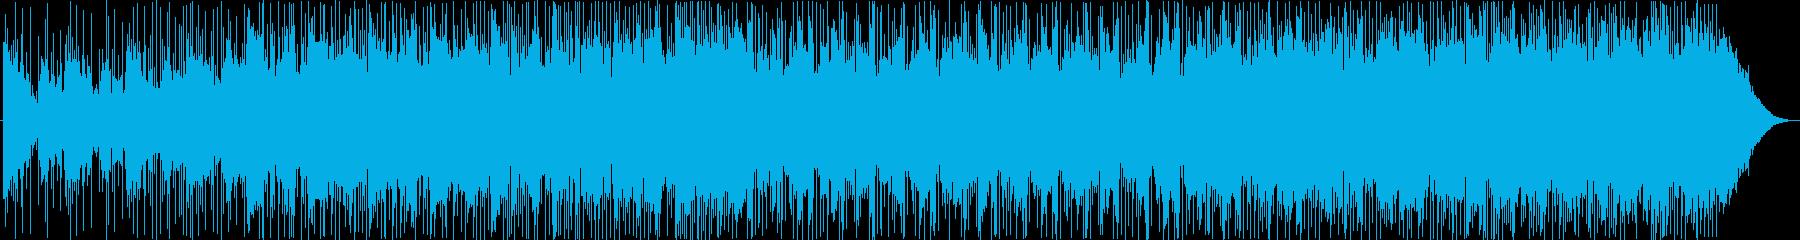 バックグラウンドアンビエントミュージックの再生済みの波形